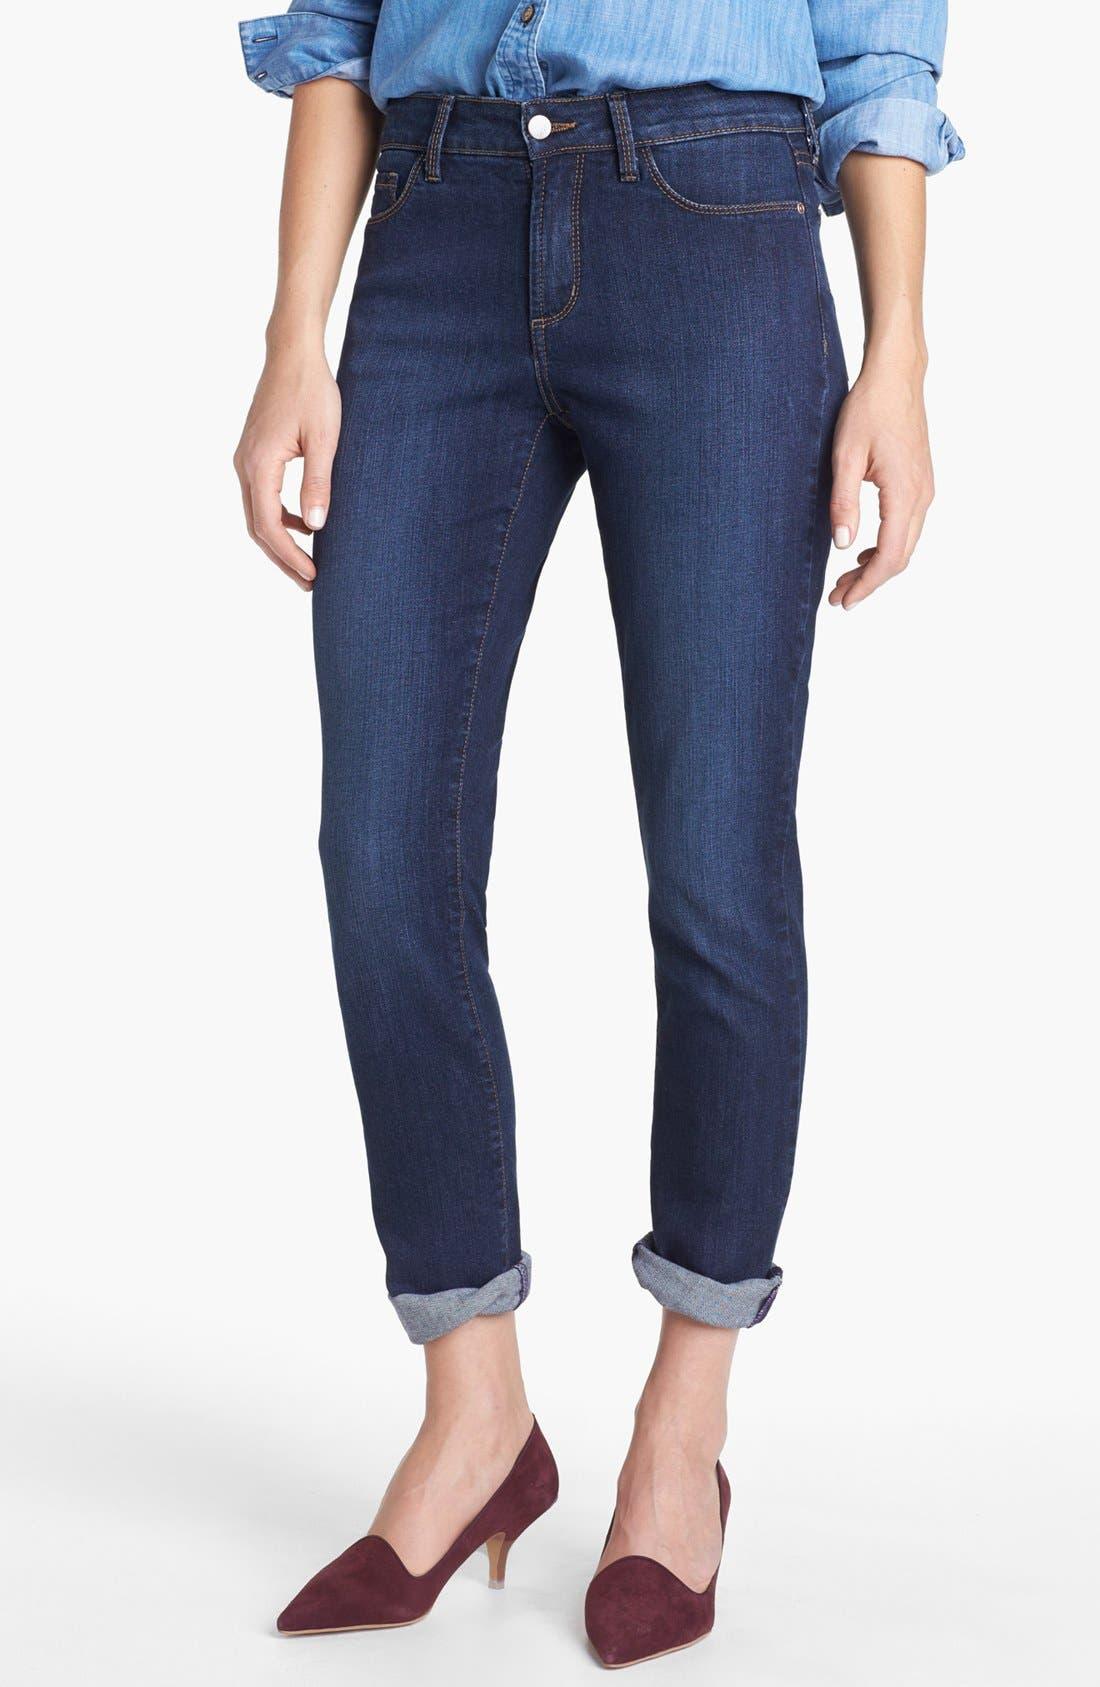 Main Image - NYDJ 'Leann' Stretch Skinny Boyfriend Jeans